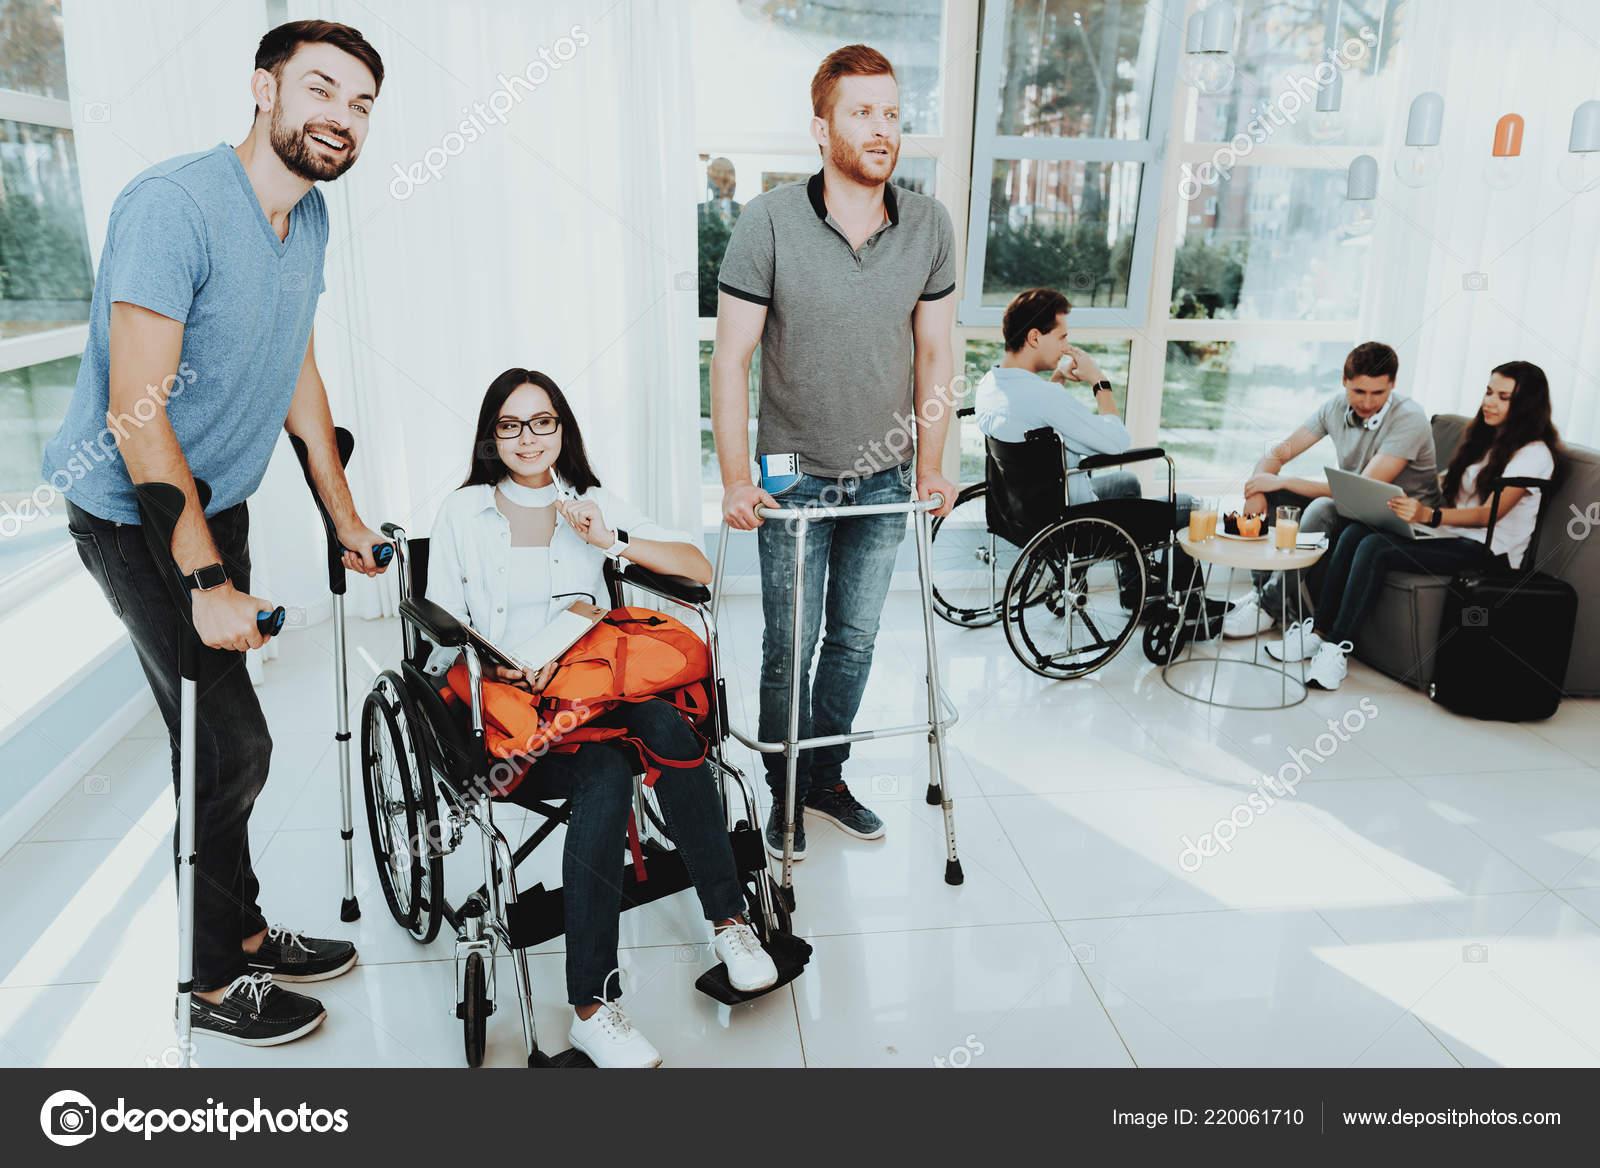 Silla Personas Salón Con Discapacidad Ruedas Mujer Ajc43LR5q